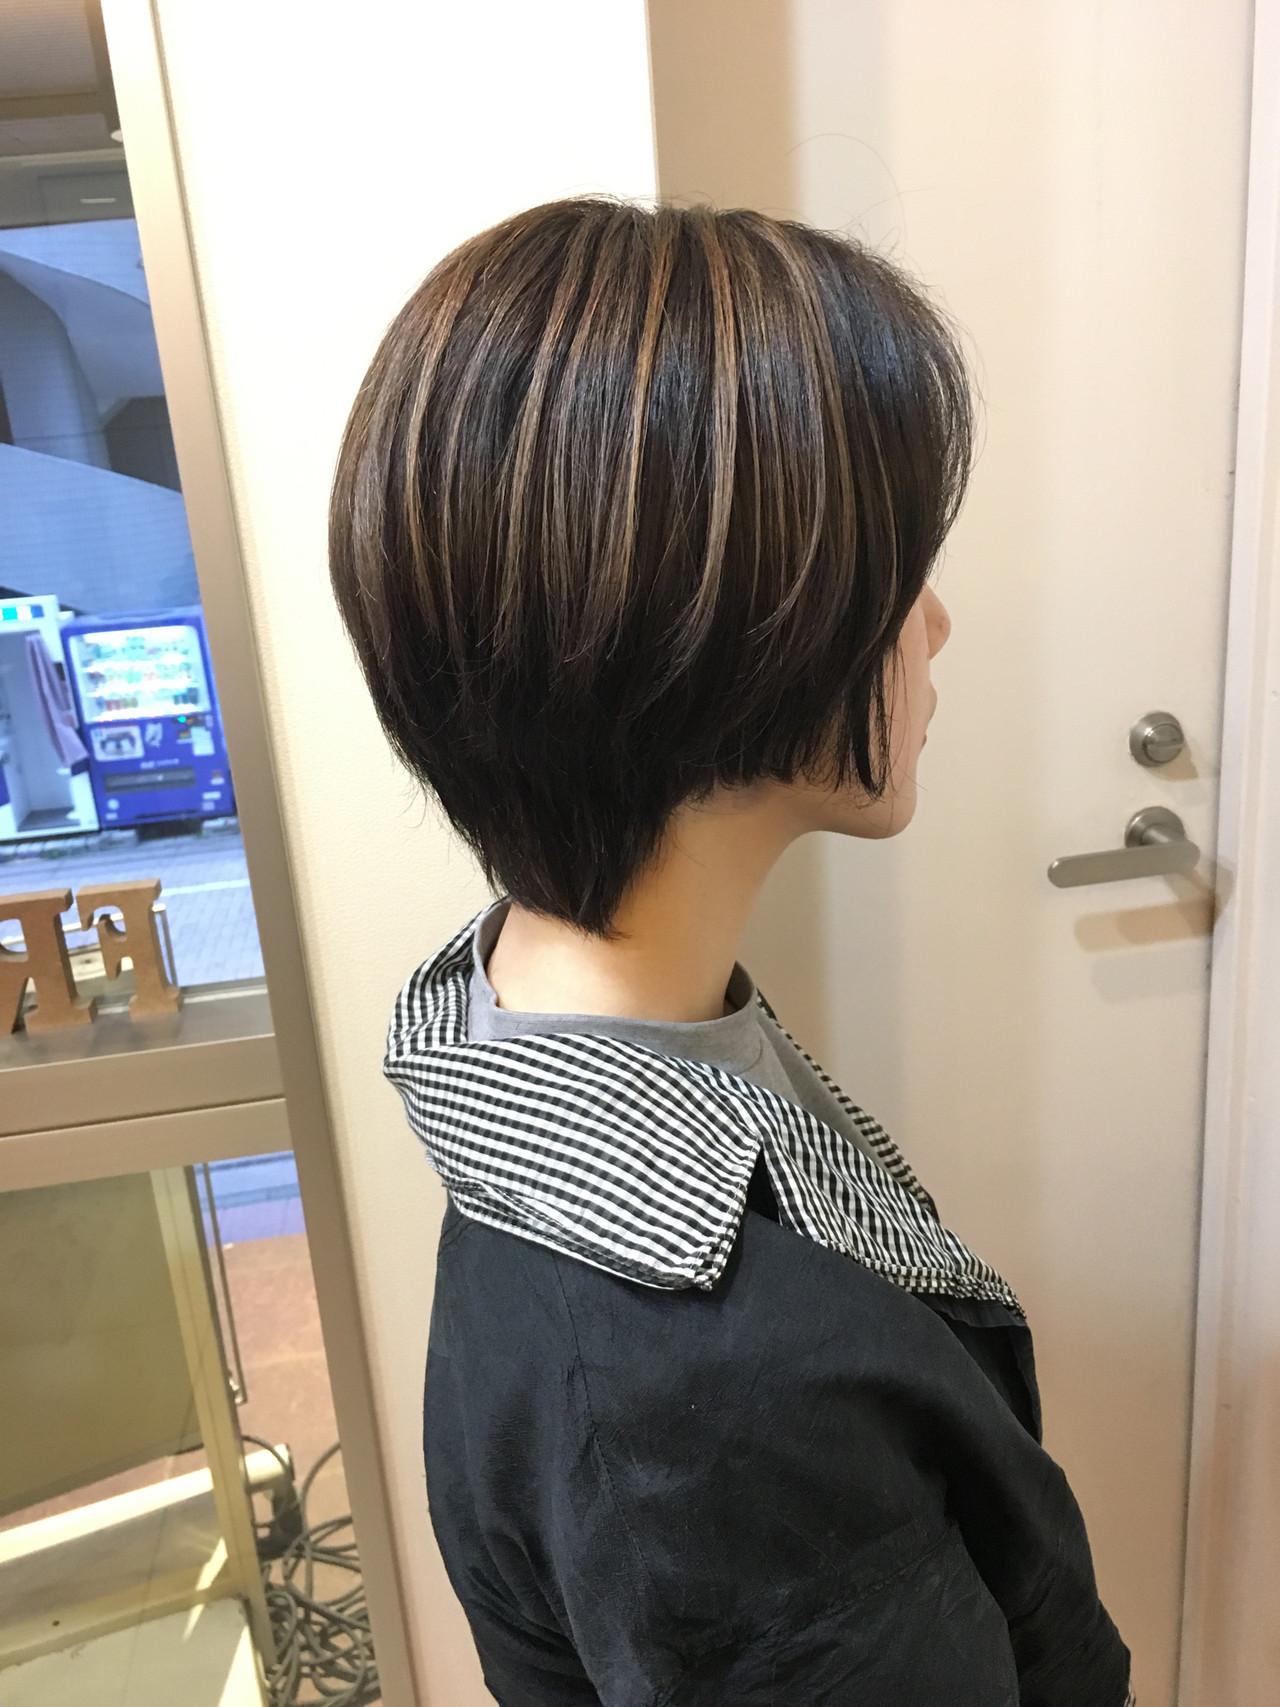 ハイライト コントラストハイライト ナチュラル ショート ヘアスタイルや髪型の写真・画像 | 《町田の美容師》キタダヒロキ / Hair Frais Make